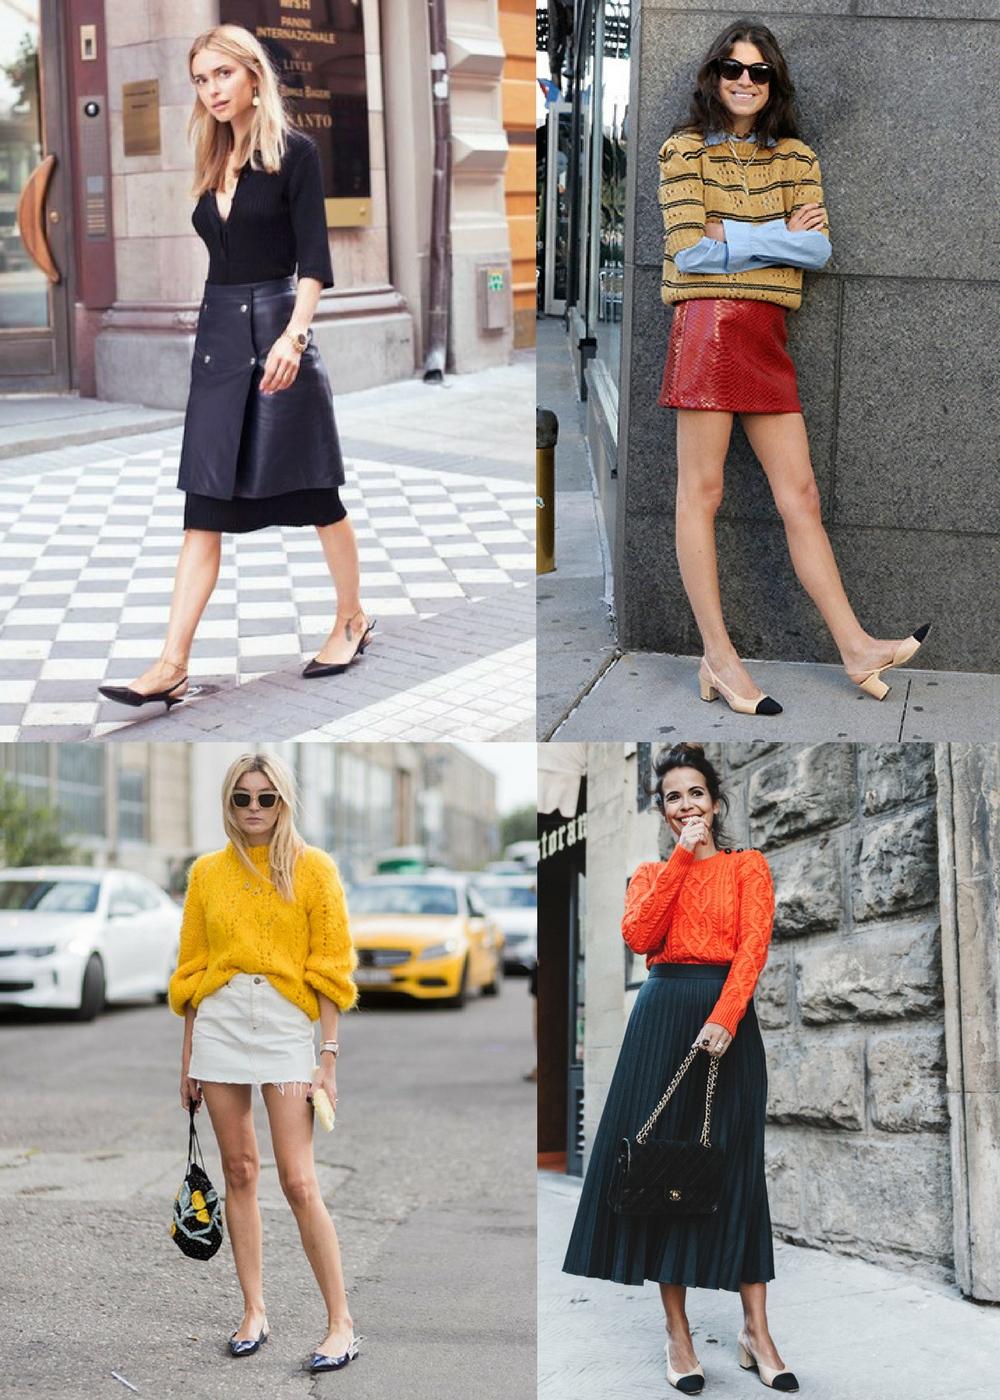 Tendência: Slingback, como usar com saia e onde comprar - Carol Doria